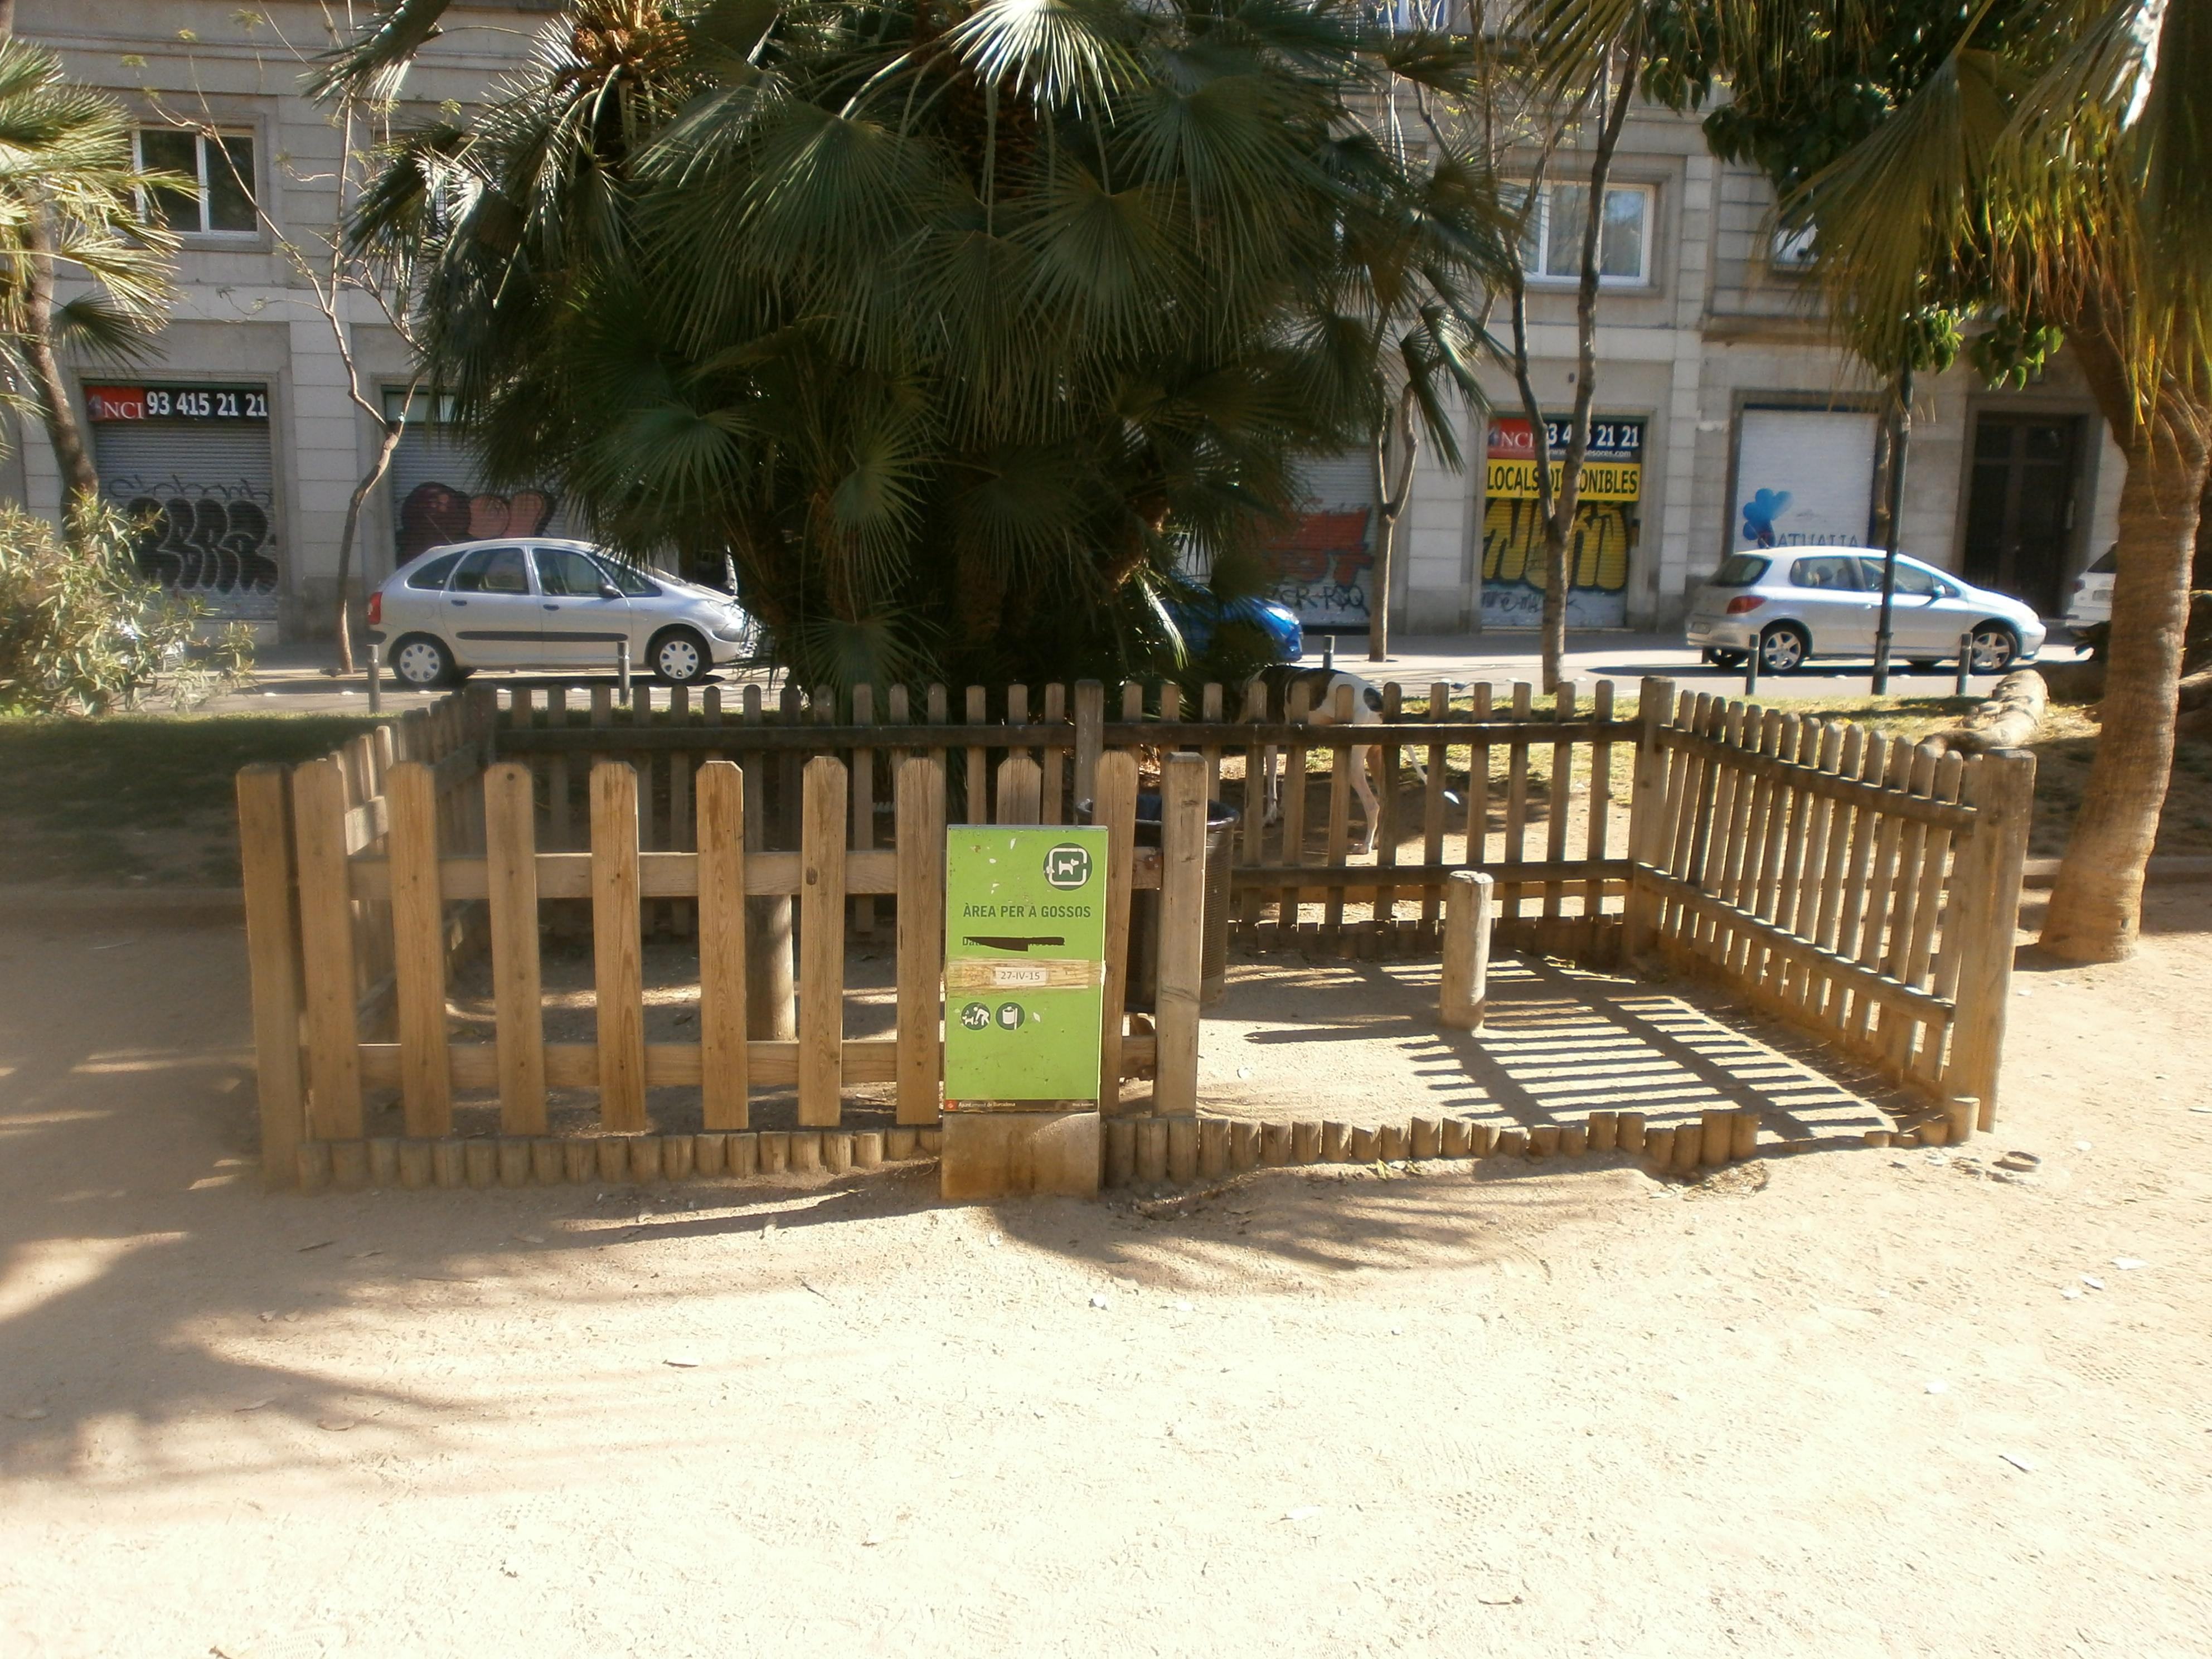 pipican-perro-barcelona-plaza-doctor-letamendi